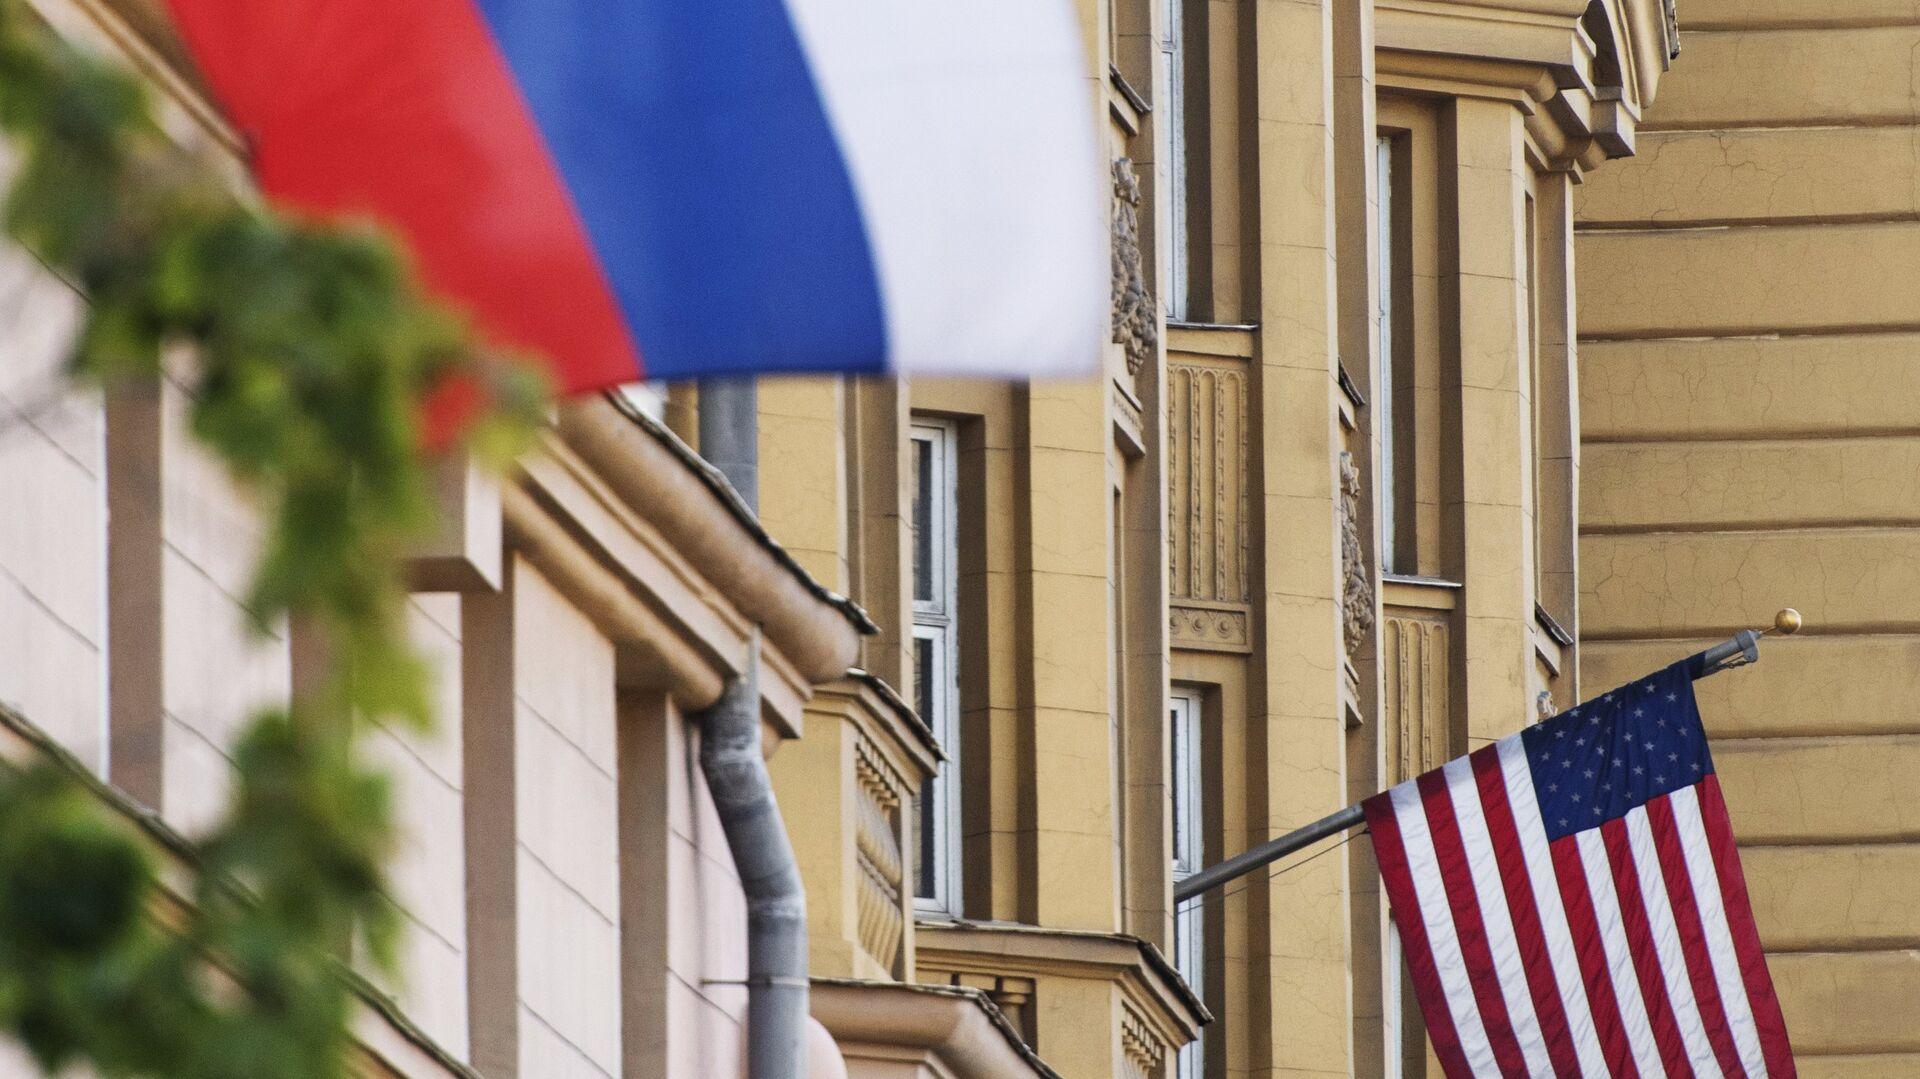 Флаги России и США на здании американского посольства в Москве - РИА Новости, 1920, 12.02.2021